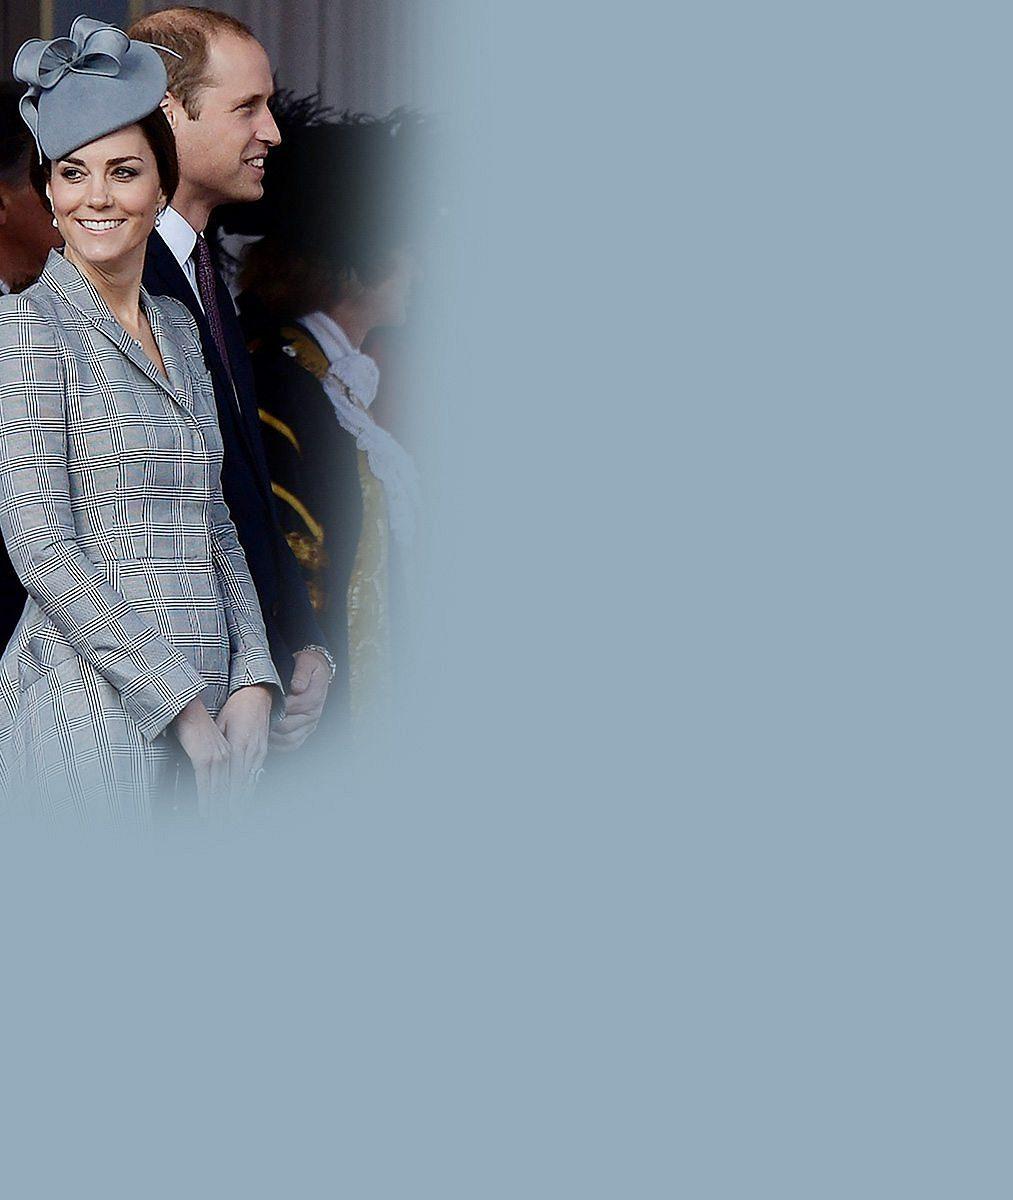 Těhotná vévodkyně Kate zhubla na šílených 41 kilo. Palác se prý snažil utajit její kolaps